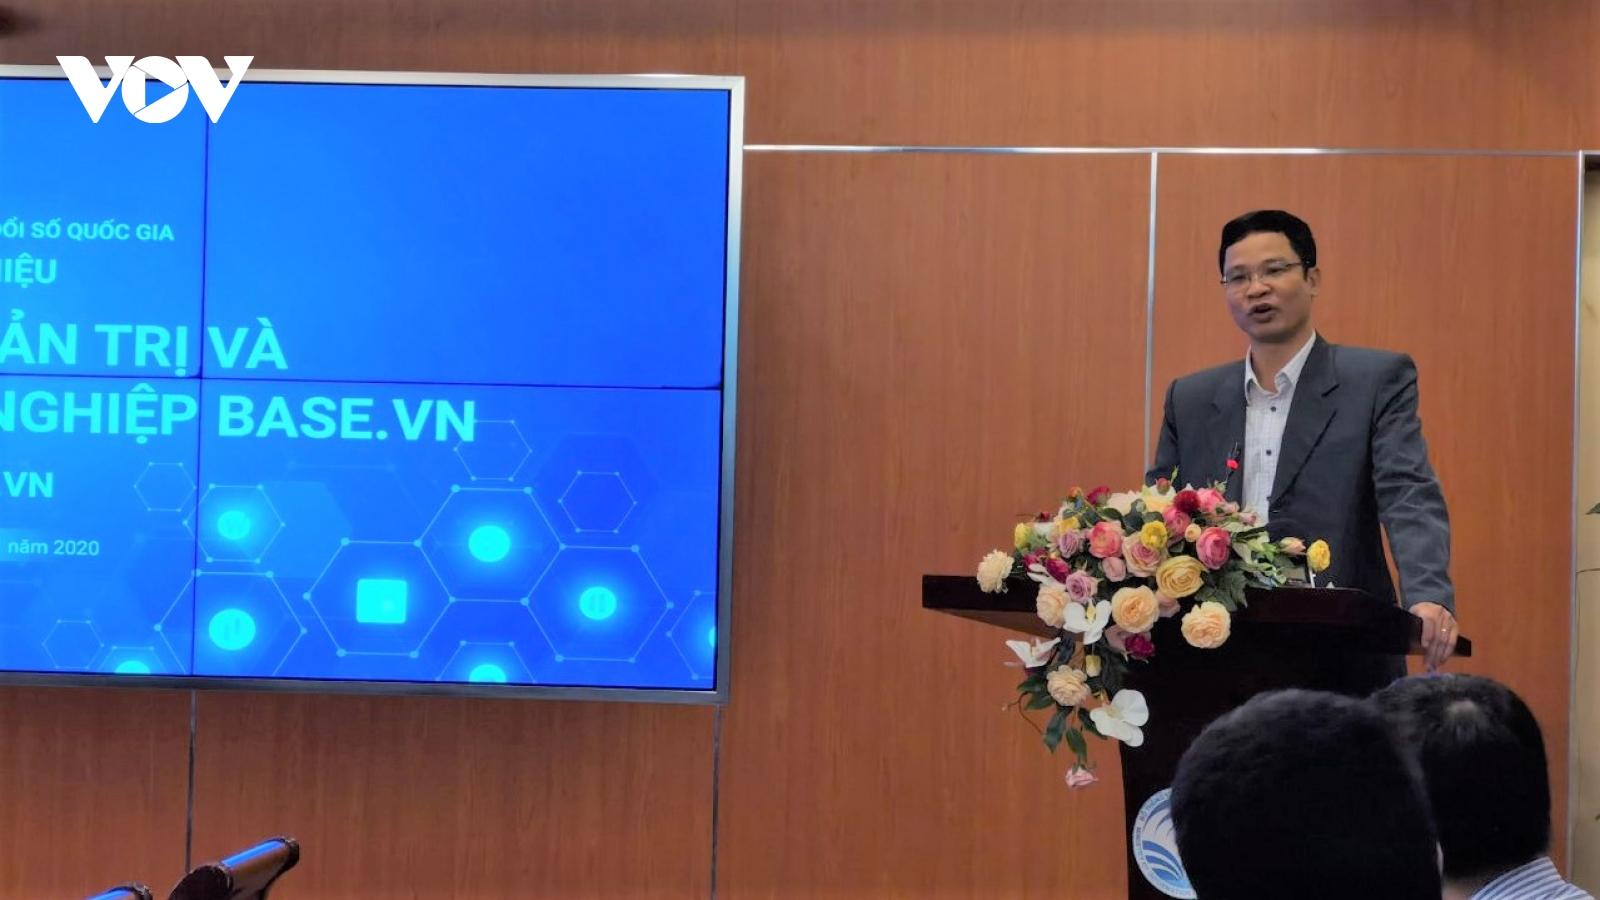 Ứng dụng Việt hướng đến nền tảng số cho quản trị doanh nghiệp như Microsoft